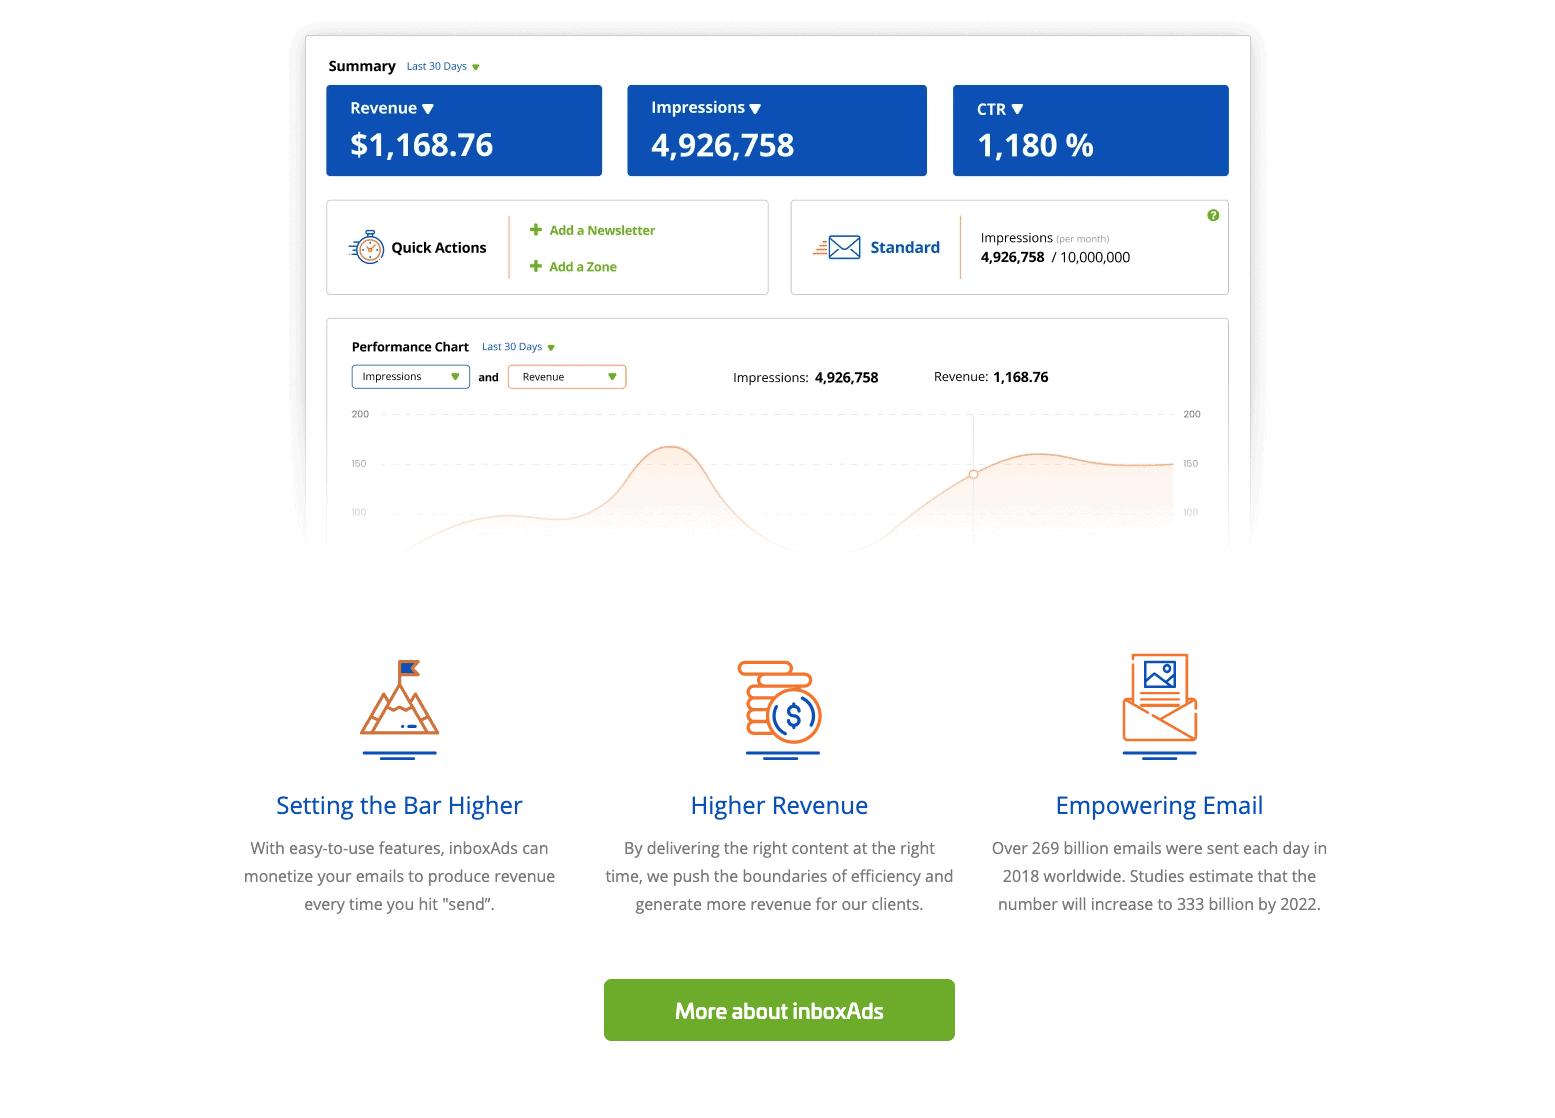 inboxads.com